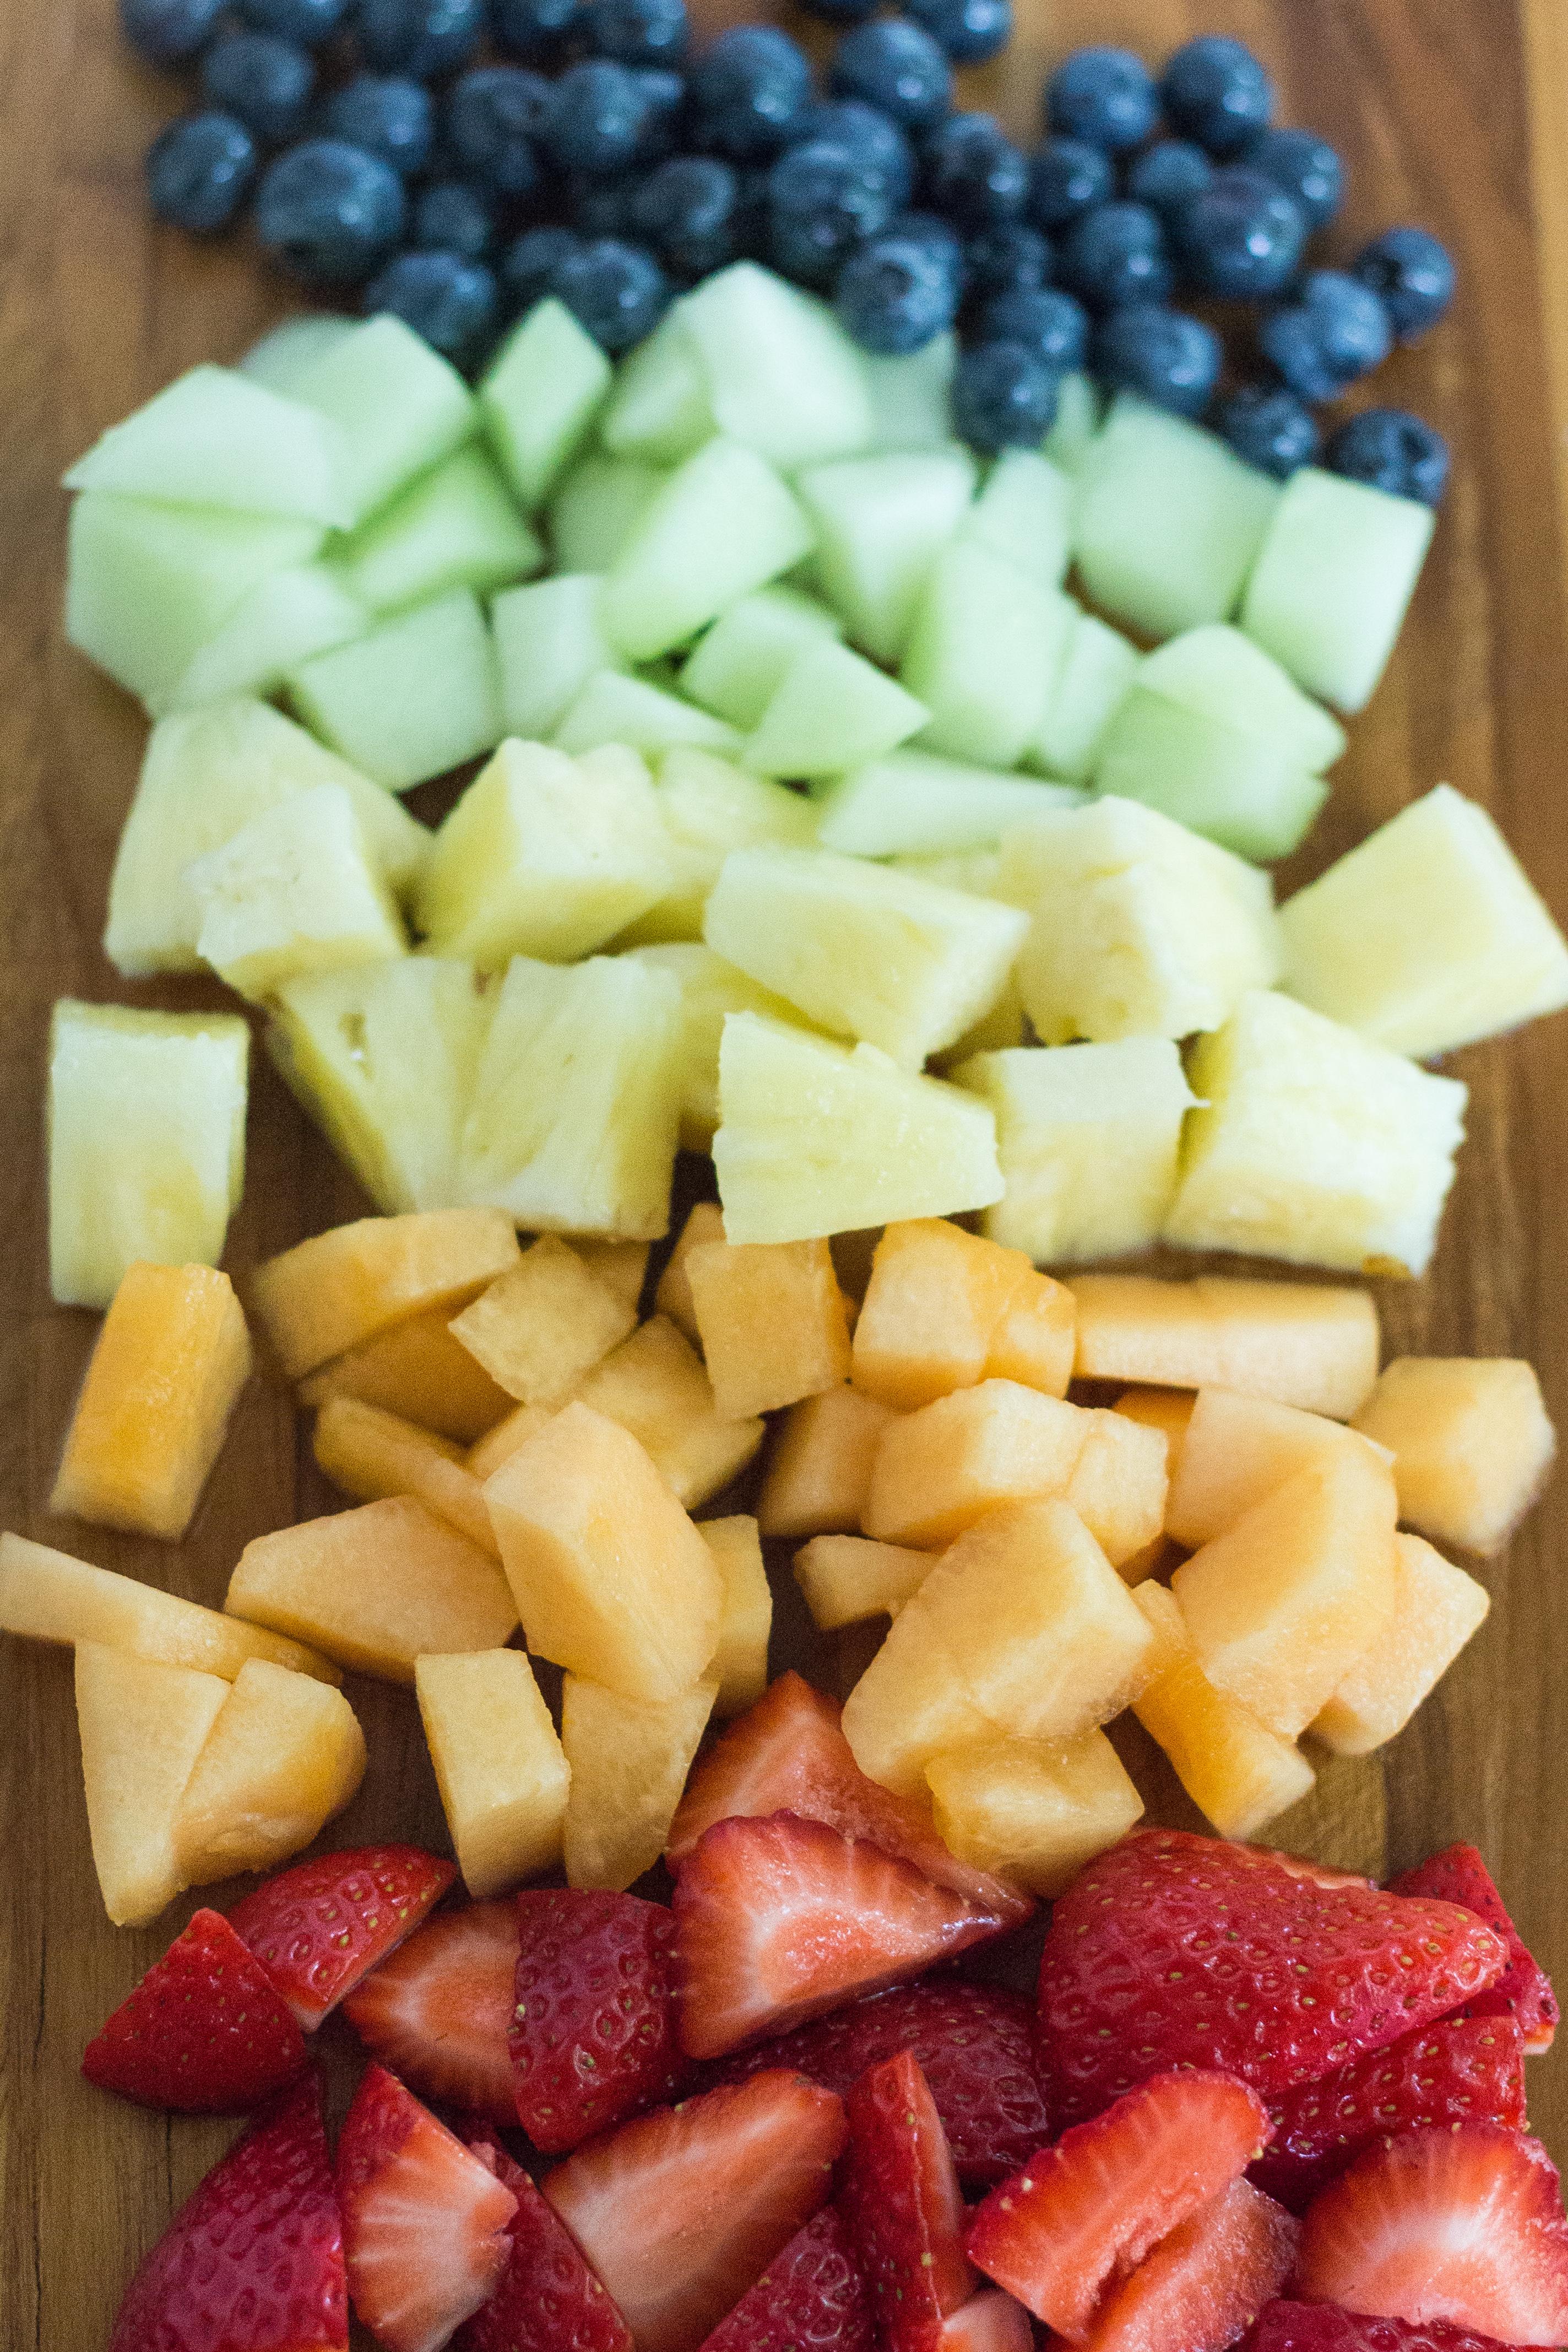 Summer Rainbow Fruit #summer #rainbow #fruit #colorful | https://www.roseclearfield.com